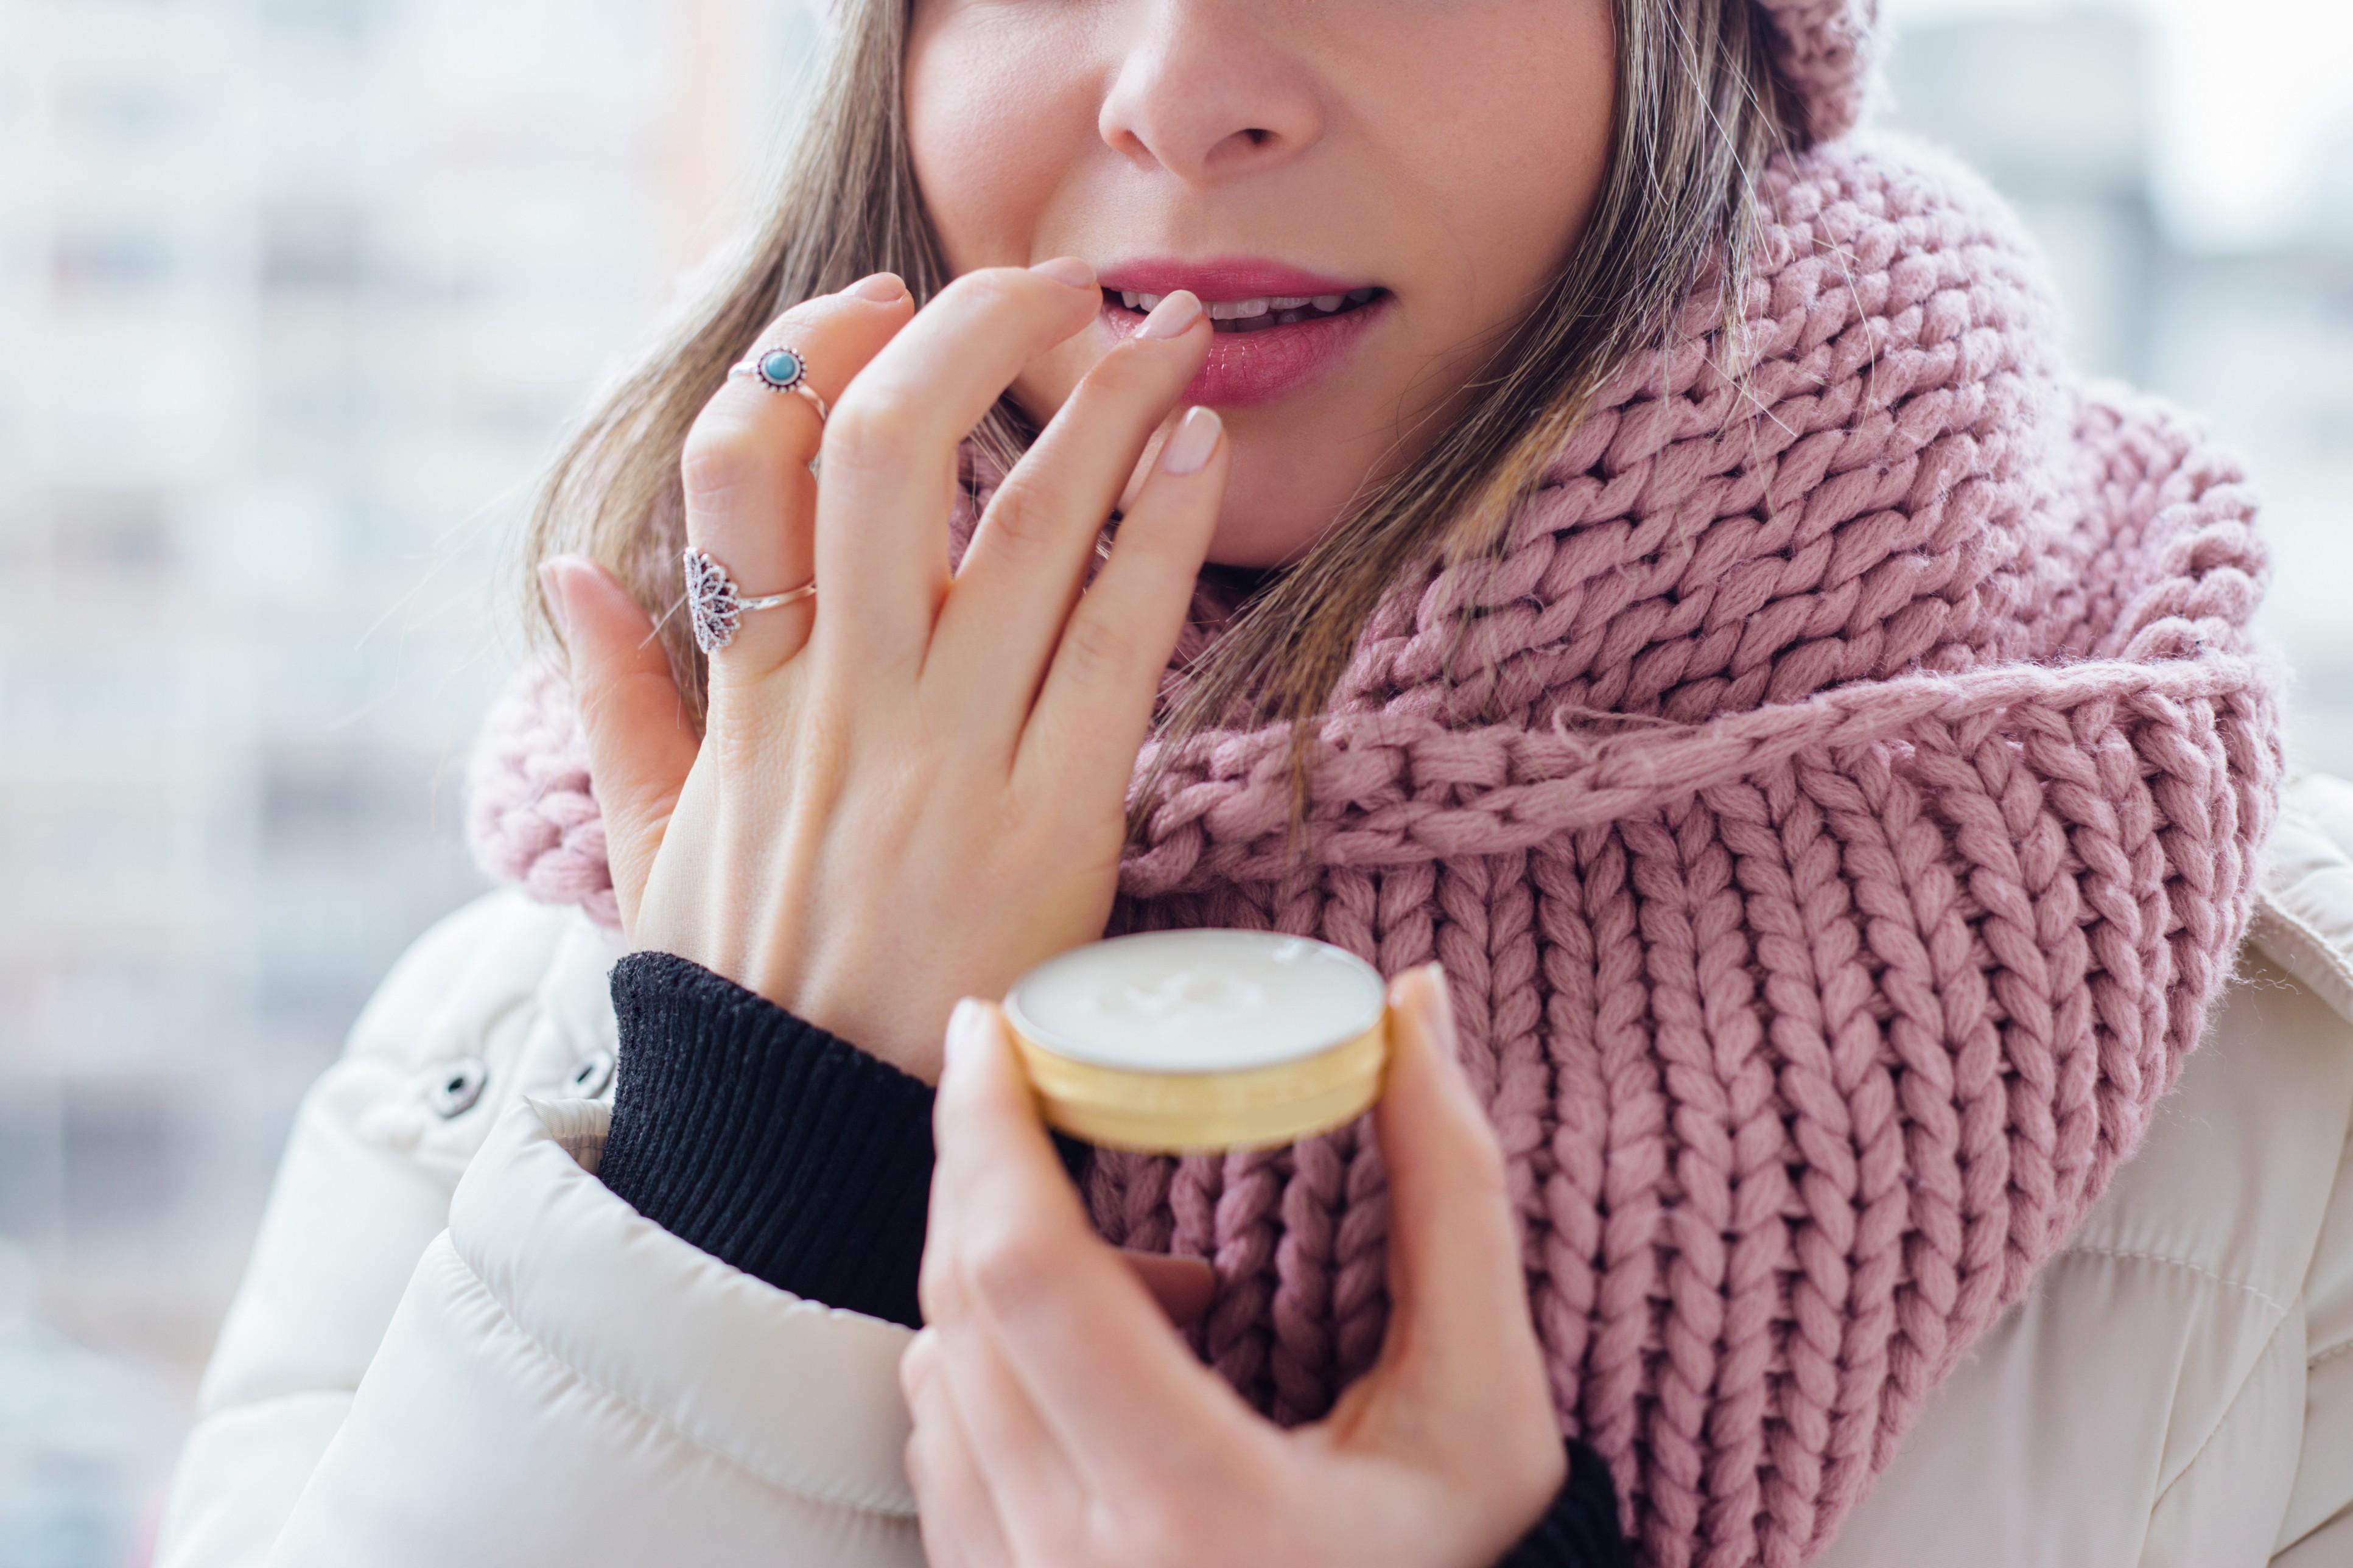 Cuidados com a pele, lábios e unhas no inverno (Foto: Thinkstock)